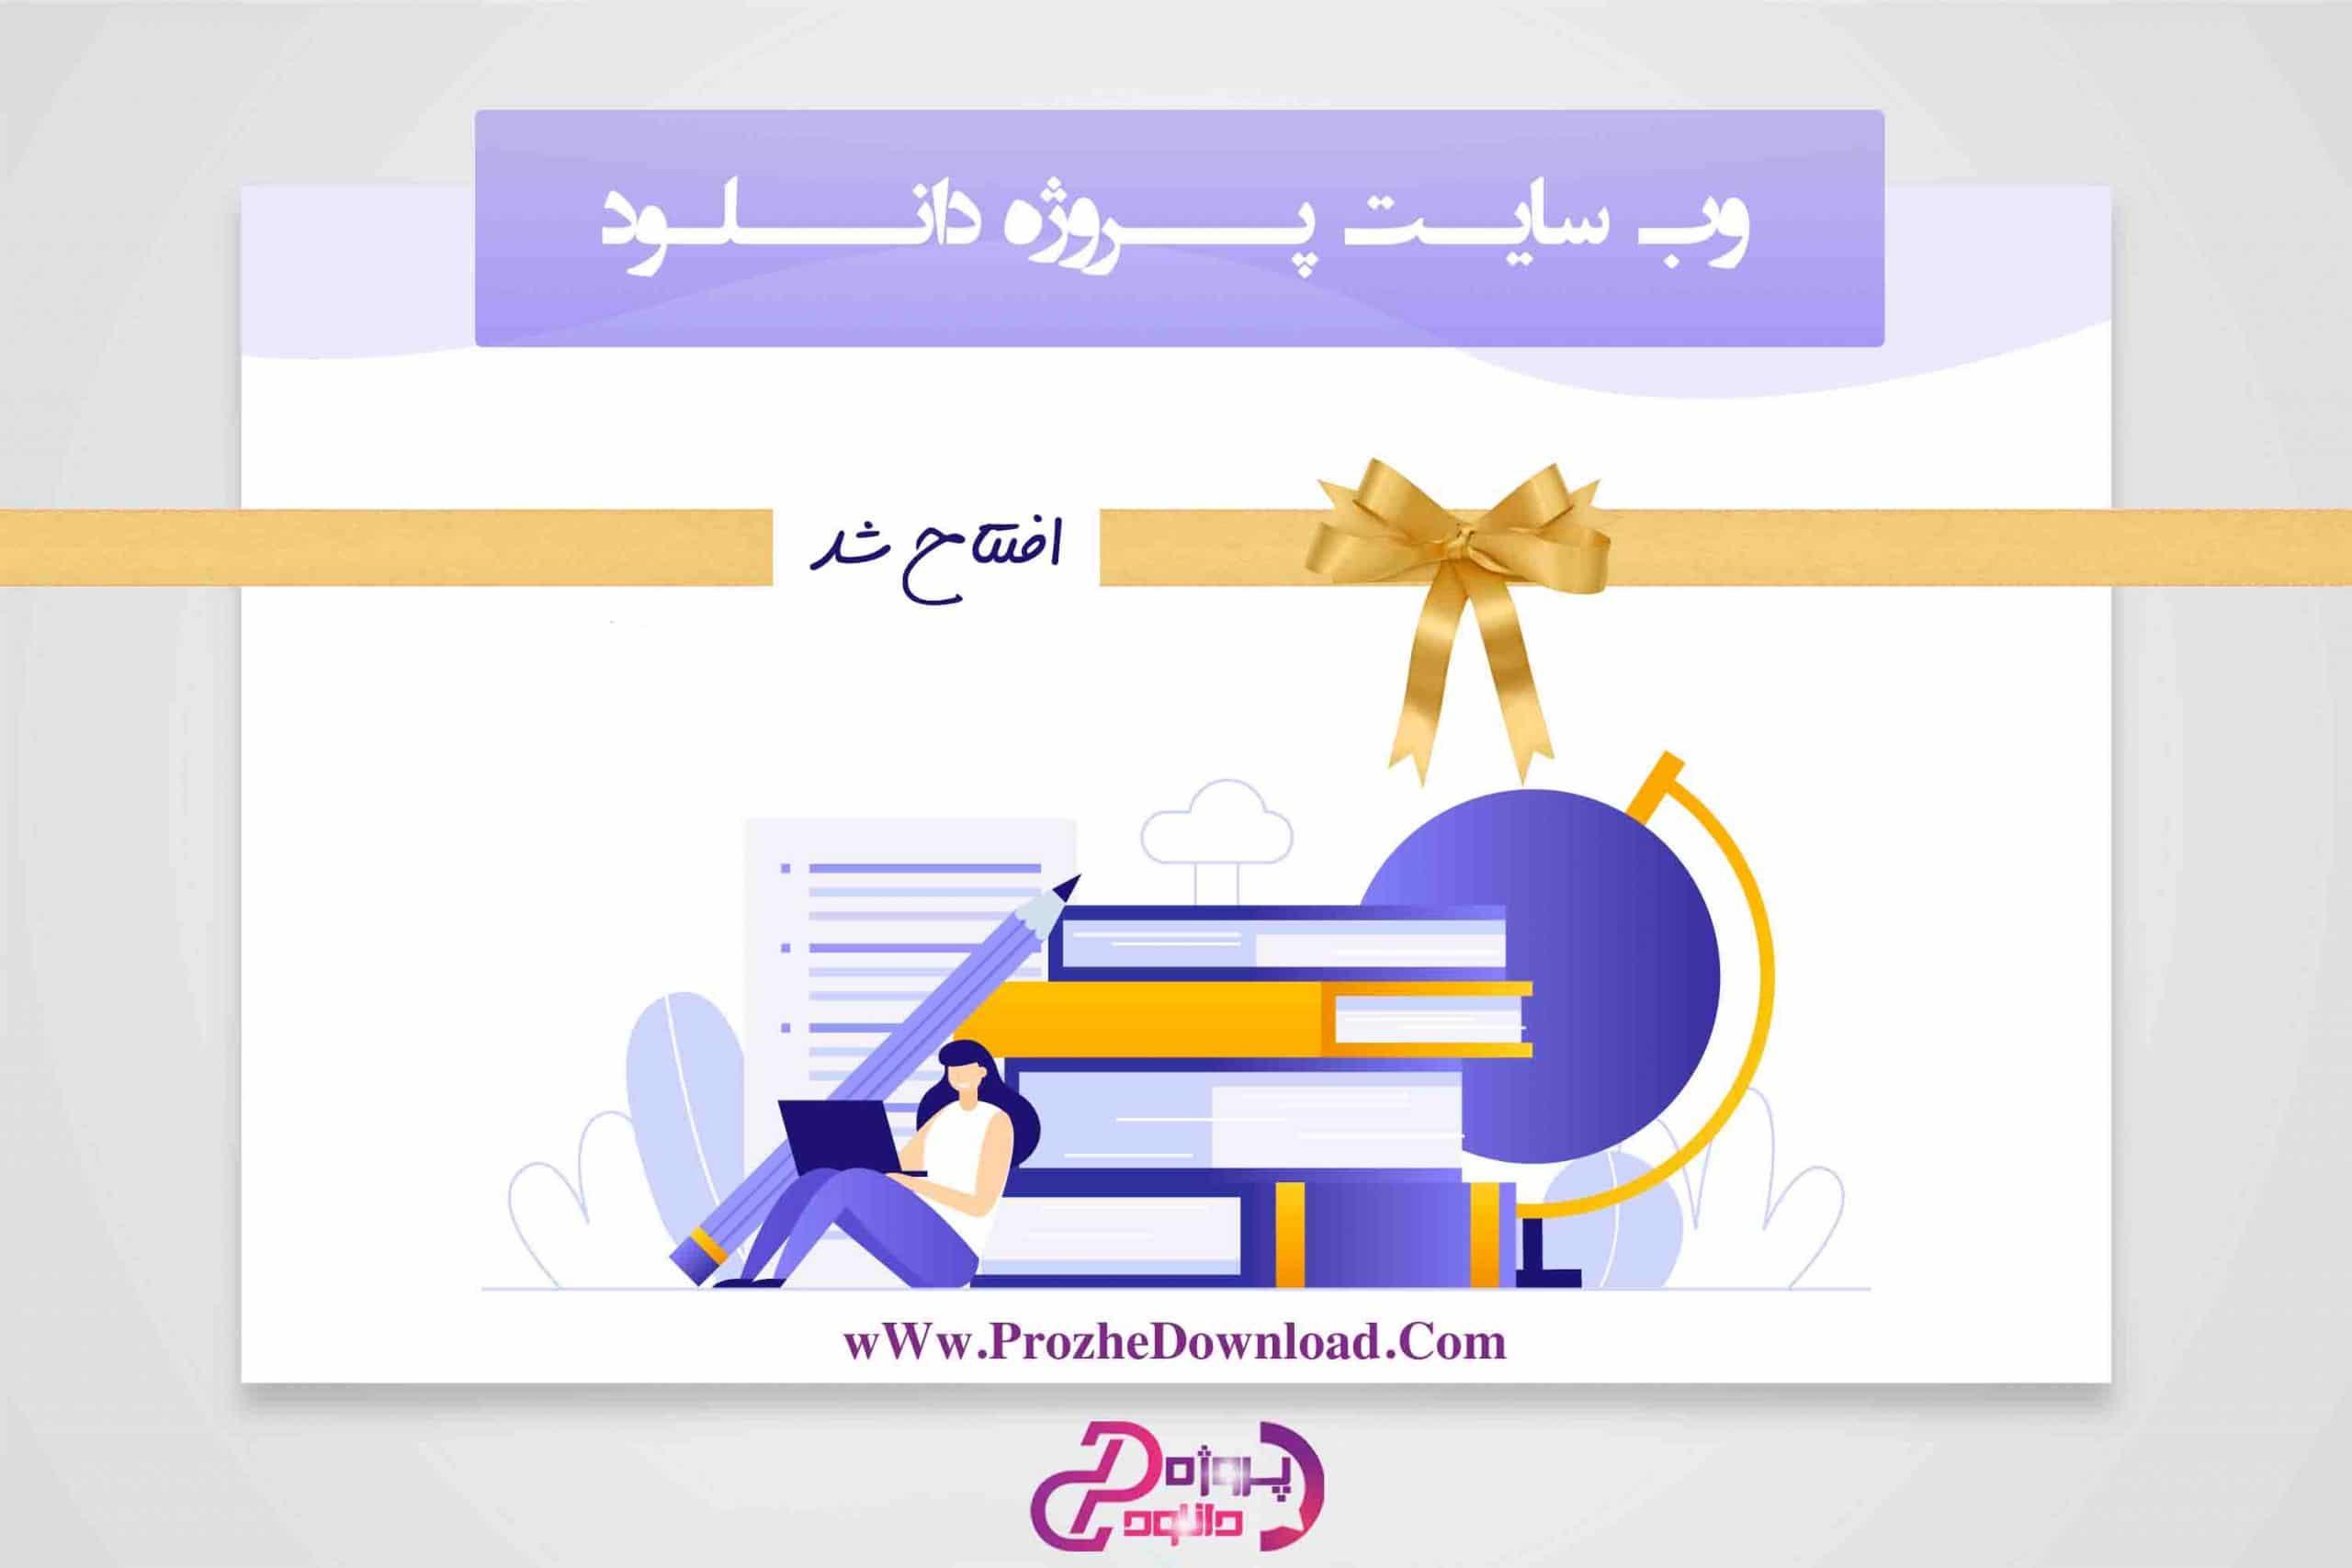 افتتاح سایت پروژه دانلود بزرگترین مرجع دانلود پروژه های دانشجویی در ایران